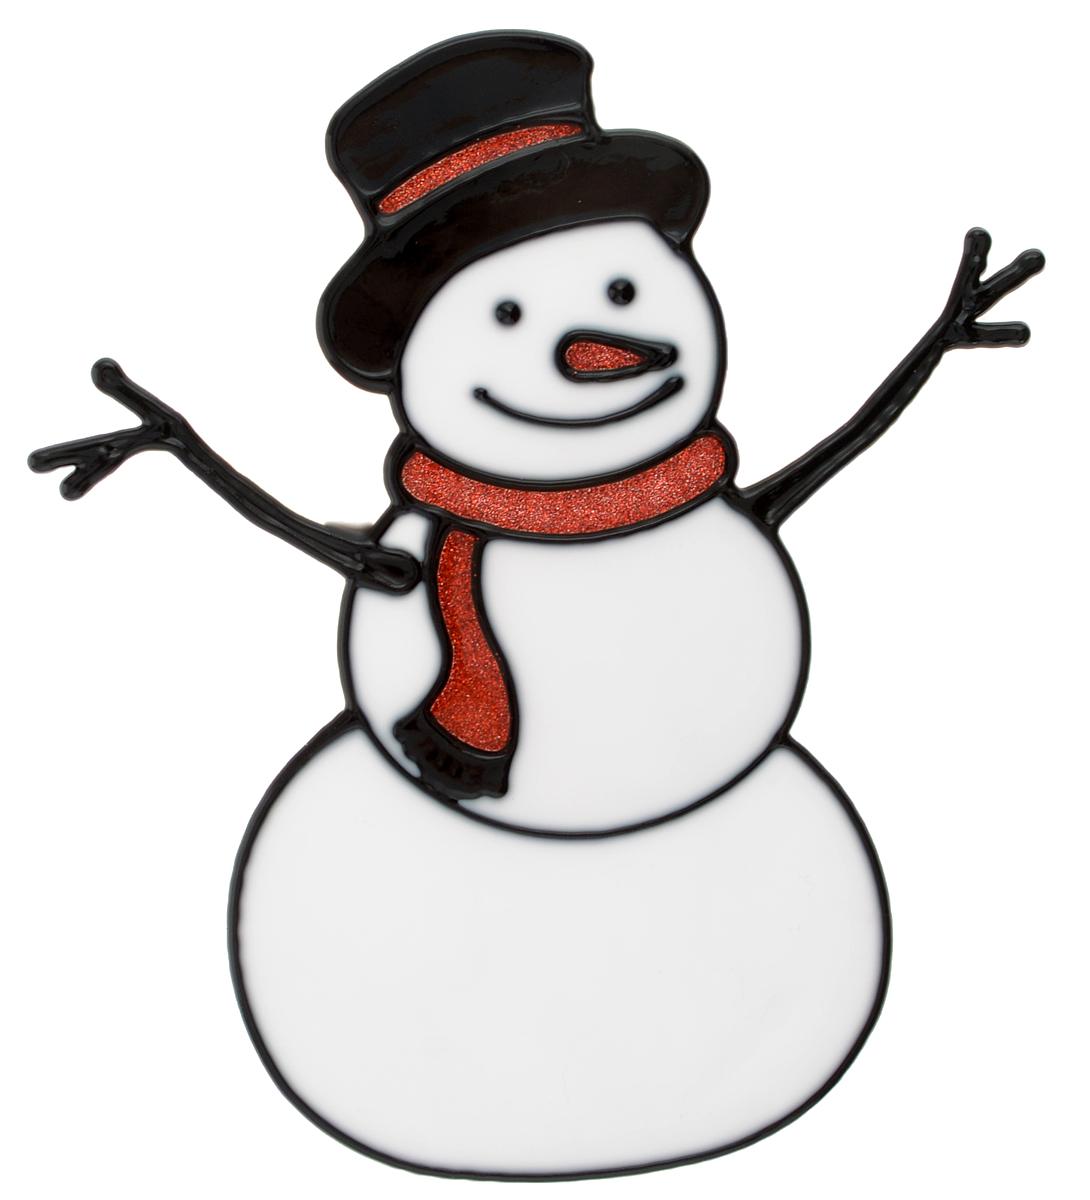 Наклейка на окно Erich Krause Снеговичок, 14,5 х 16 см09840-20.000.00Наклейка на окно Erich Krause Снеговичок выполнена в виде снеговика с красным шарфиком.С помощью больших витражных наклеек на окно Erich Krause можно составлять на стекле целые зимние сюжеты, которые будут радовать глаз, и поднимать настроение в праздничные дни! Так же Вы можете преподнести этот сувенир в качестве мини-презента коллегам, близким и друзьям с пожеланиями счастливого Нового Года!Размер наклейки: 14,5 х 16 см